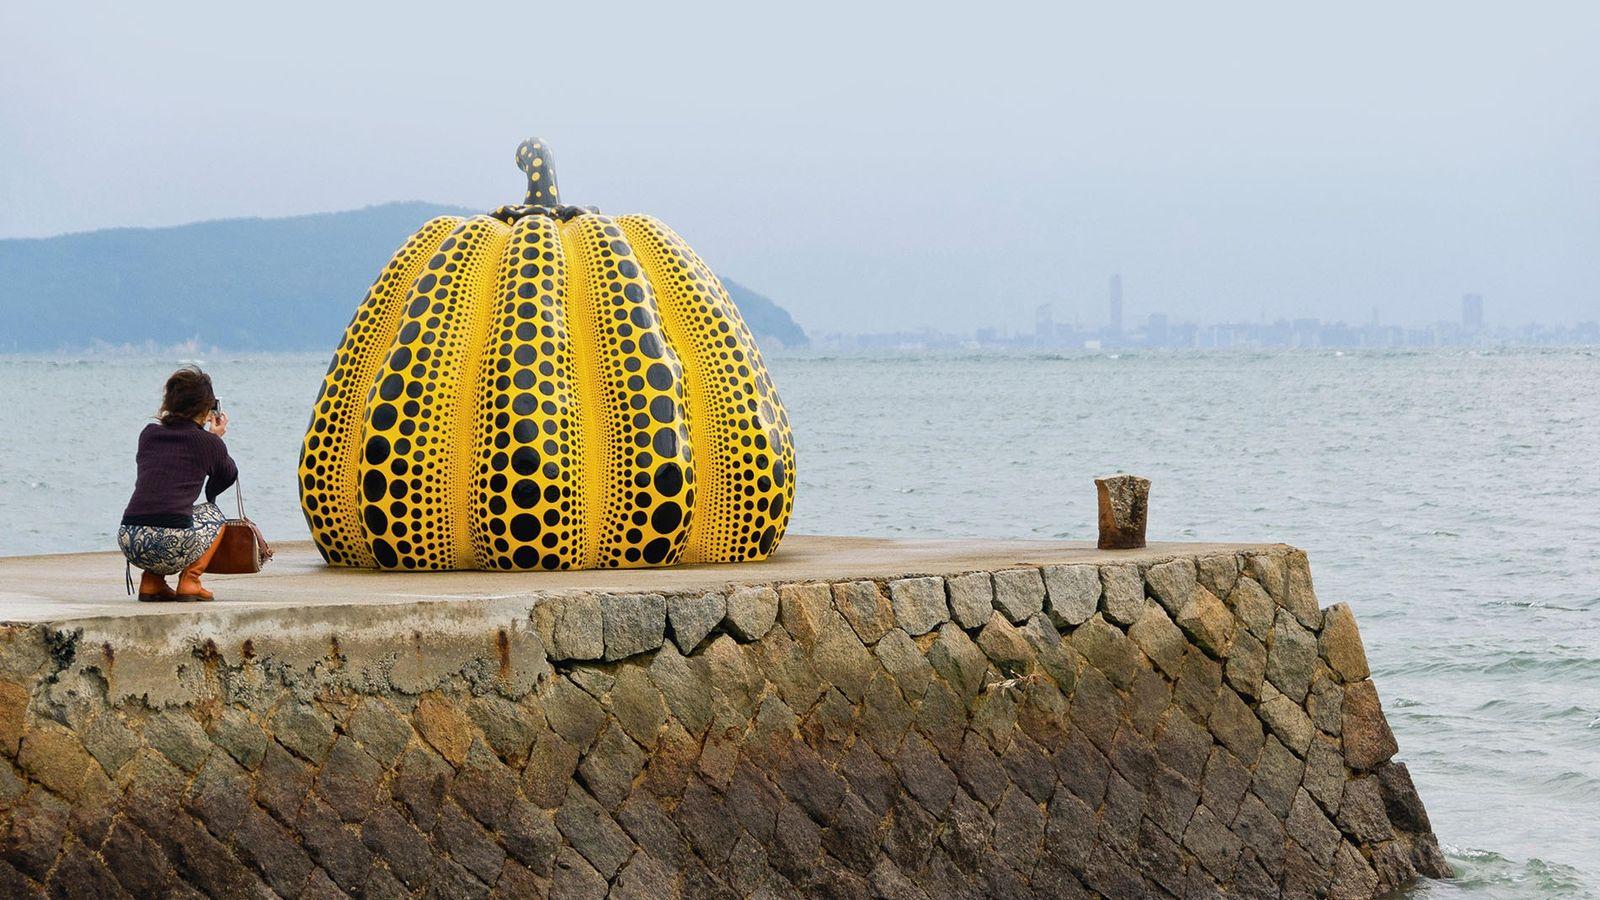 Yayoi Kusama's Yellow Pumpkin scultpure, Naoshima Island